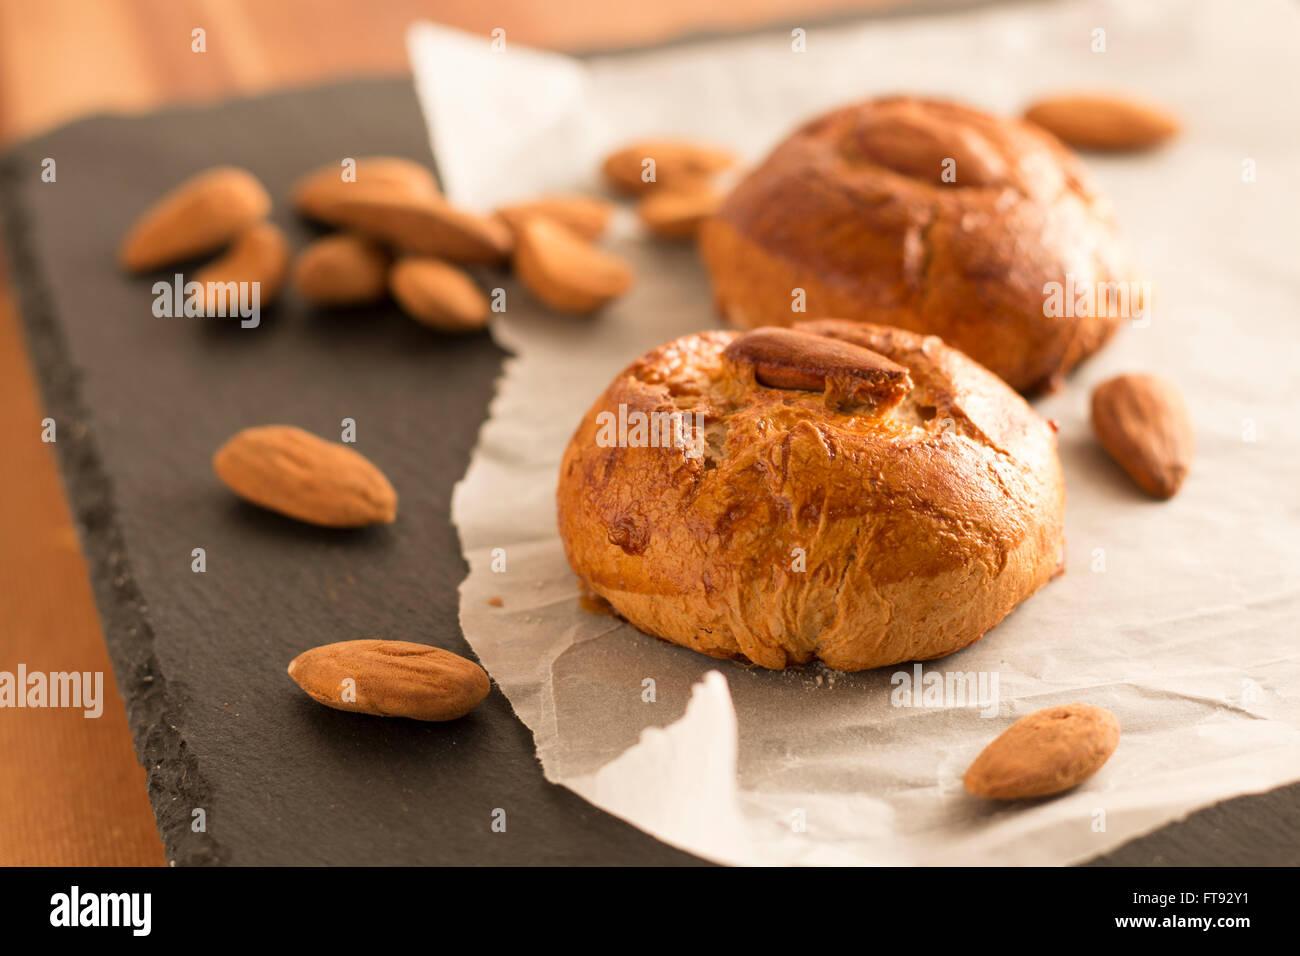 Gâteau de Pâques aux amandes Photo Stock